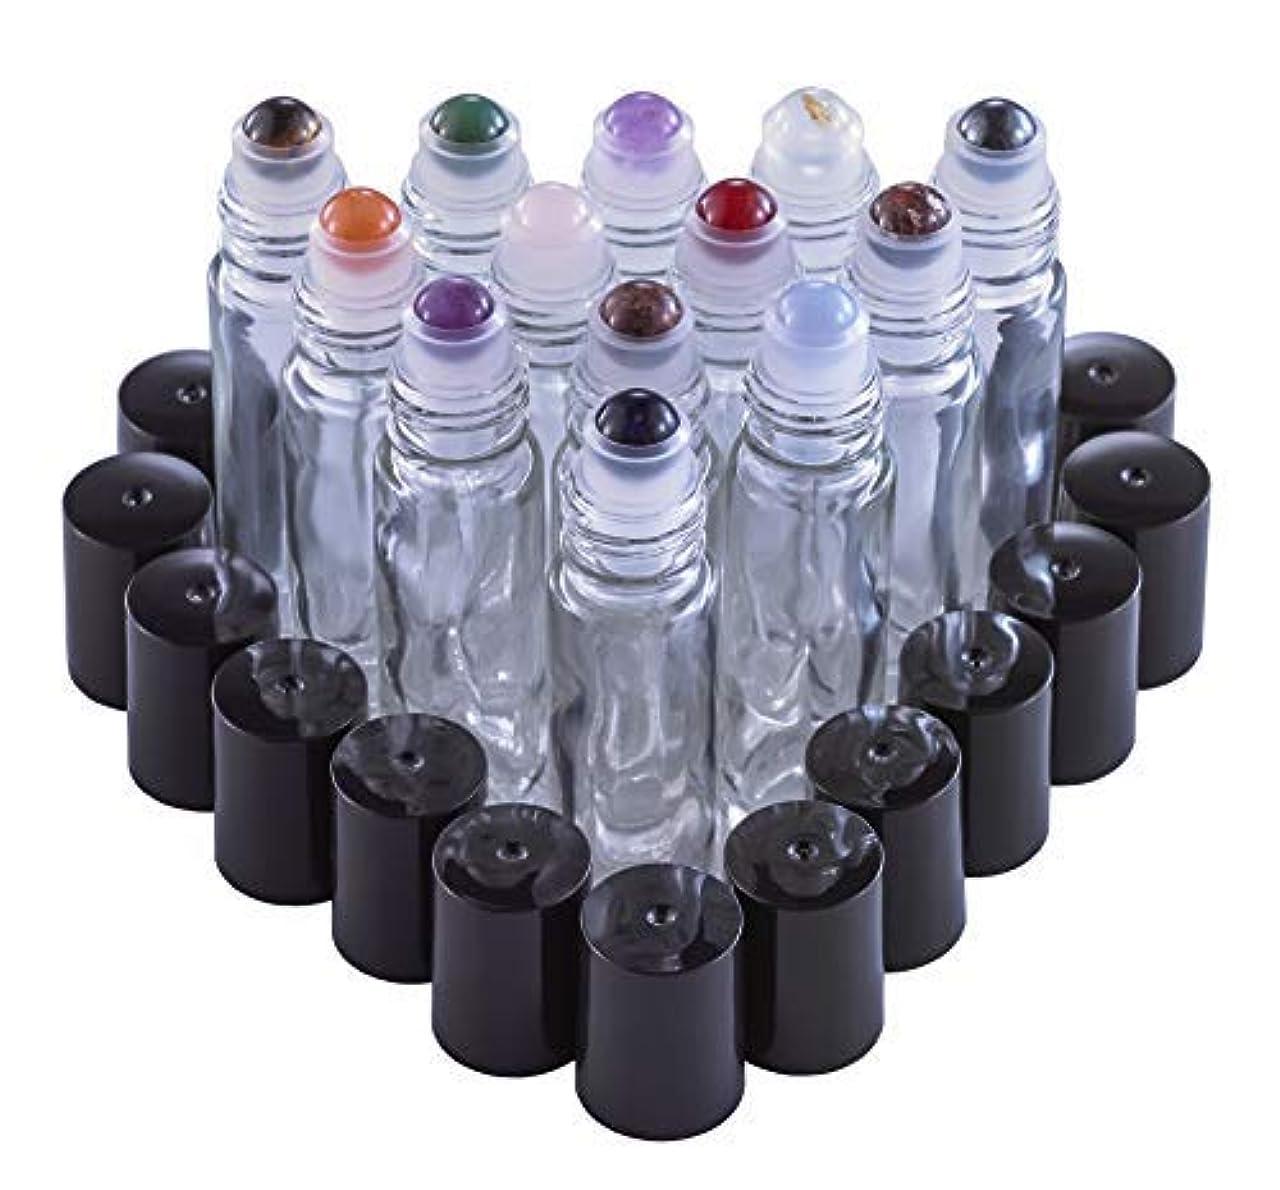 賠償ミニ祈るGemstone Roller Balls For Essential Oils - 13 Beautiful Glass Roller Bottles With Precious Gemstones and Crystals Tops - For Blending Including Tiger Eye, Rose Quartz, Amethyst [並行輸入品]